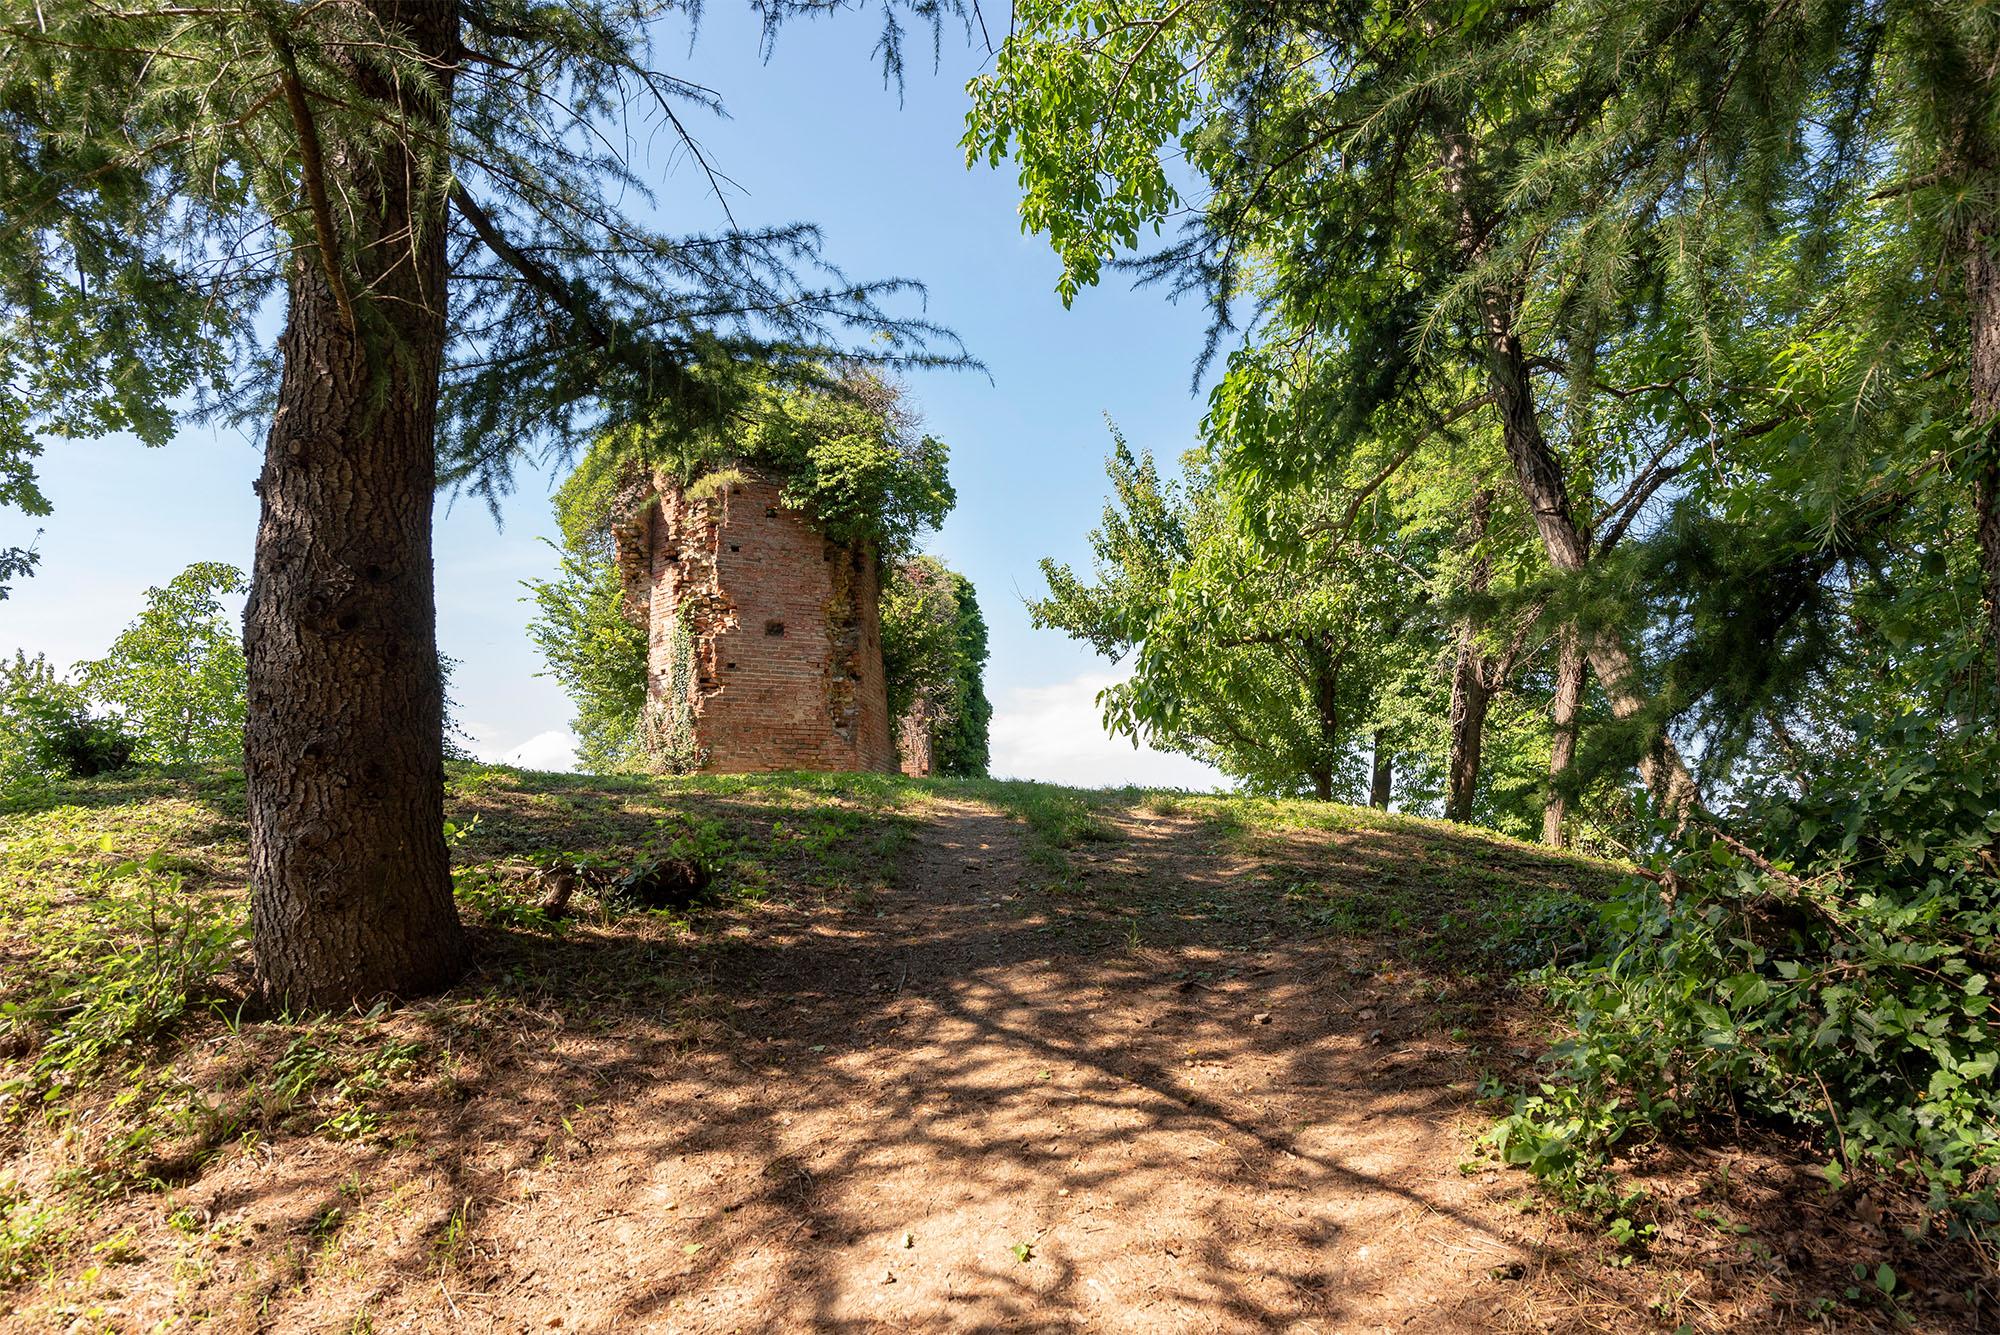 Escursione alle Torri del Grep - Agriturismo Parco del Grep - Monferrato, Piemonte